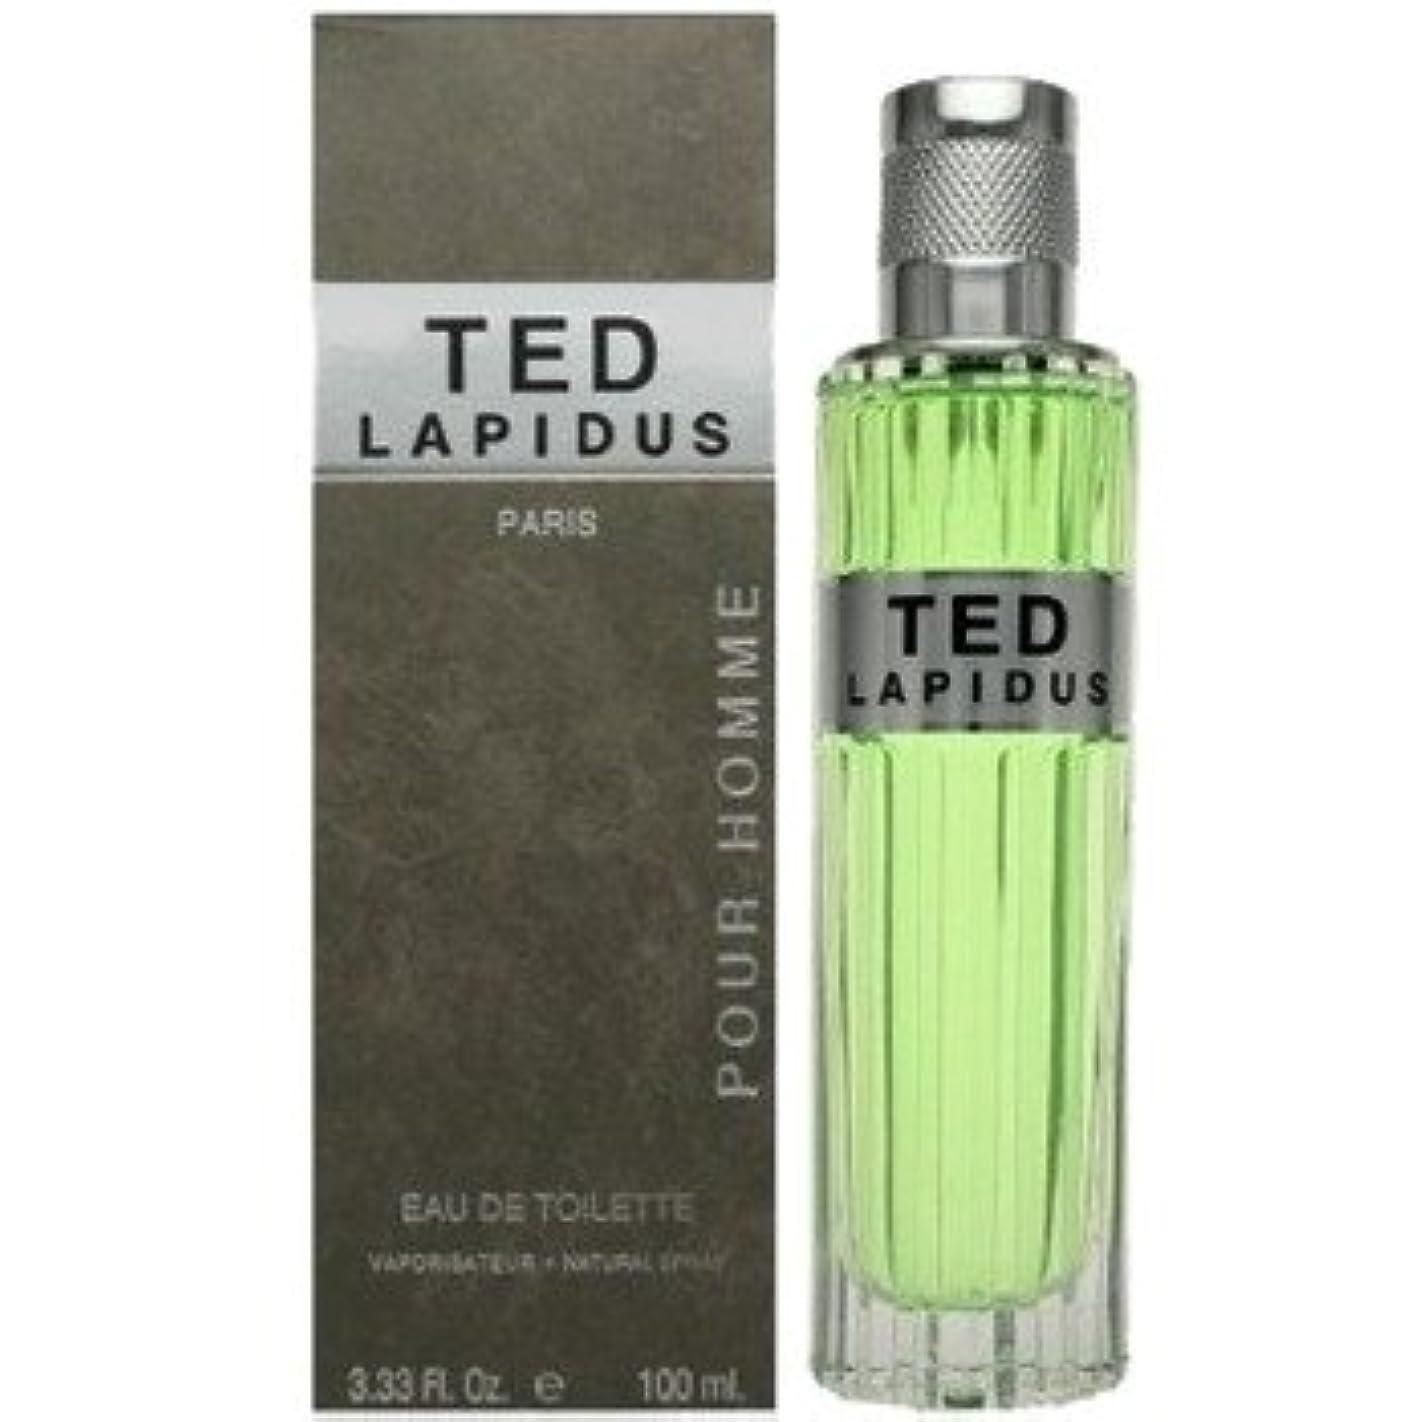 報復物理的にゴミテッド ラピドス - テッド プール オム EDT-SP 50ml (並行輸入品) TED LAPIDUS - TED POUR HOMME EDT-SP 50ml